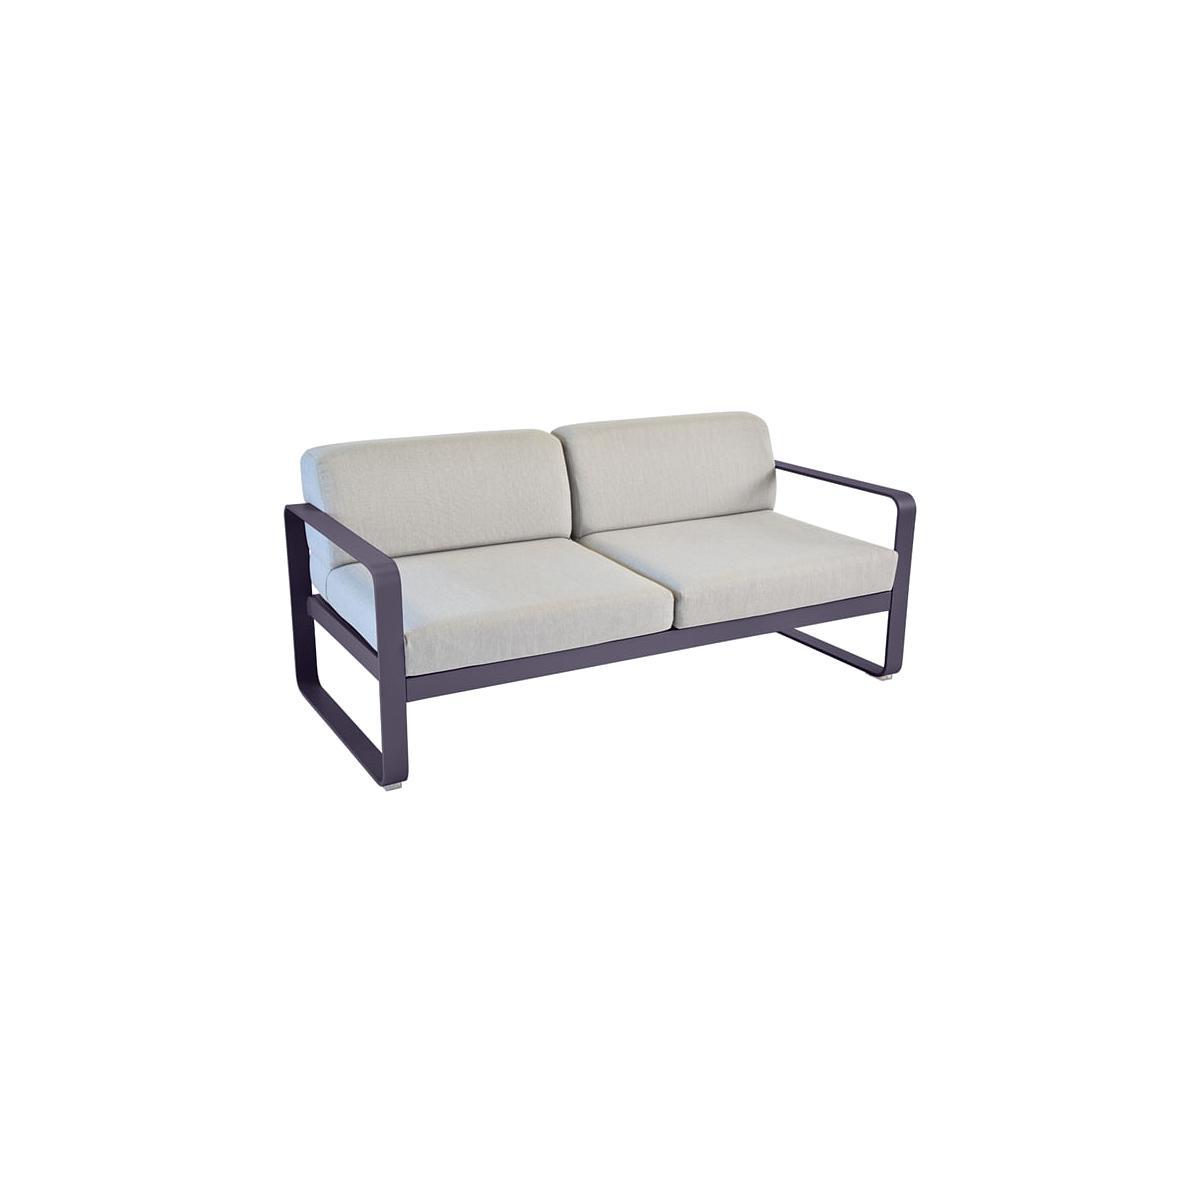 Canapé de jardin BELLEVIE Fermob PRUNE coussins gris flanelle